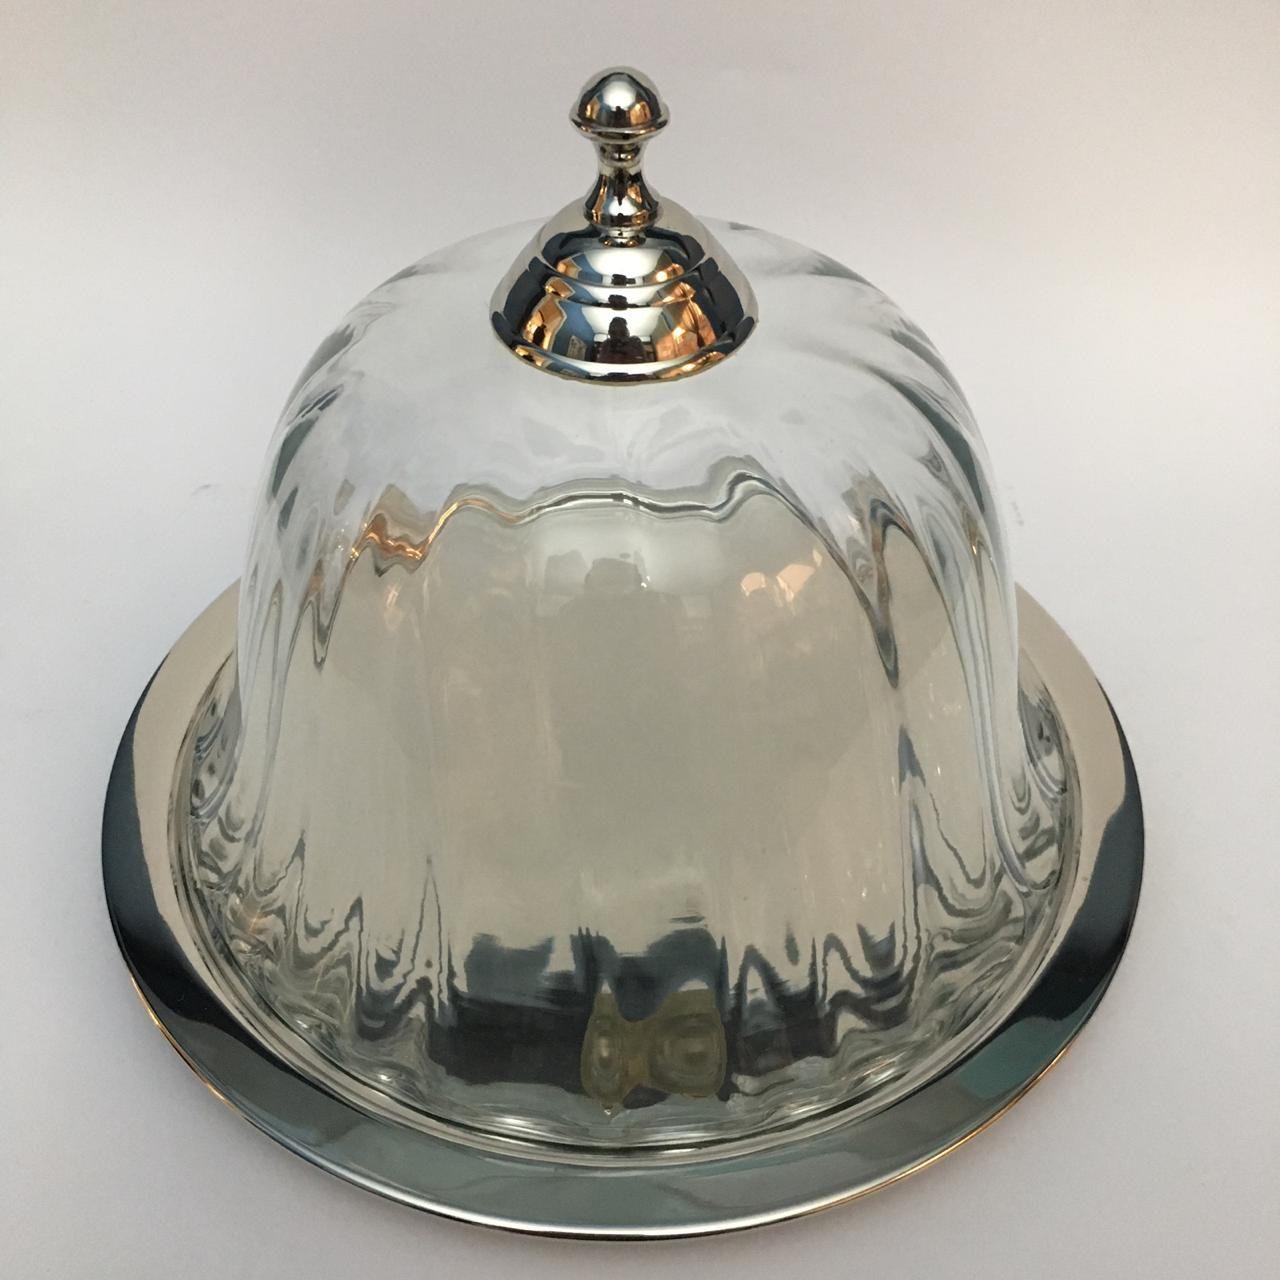 Quejeira c/ prato inox e tampa de vidro 23cm